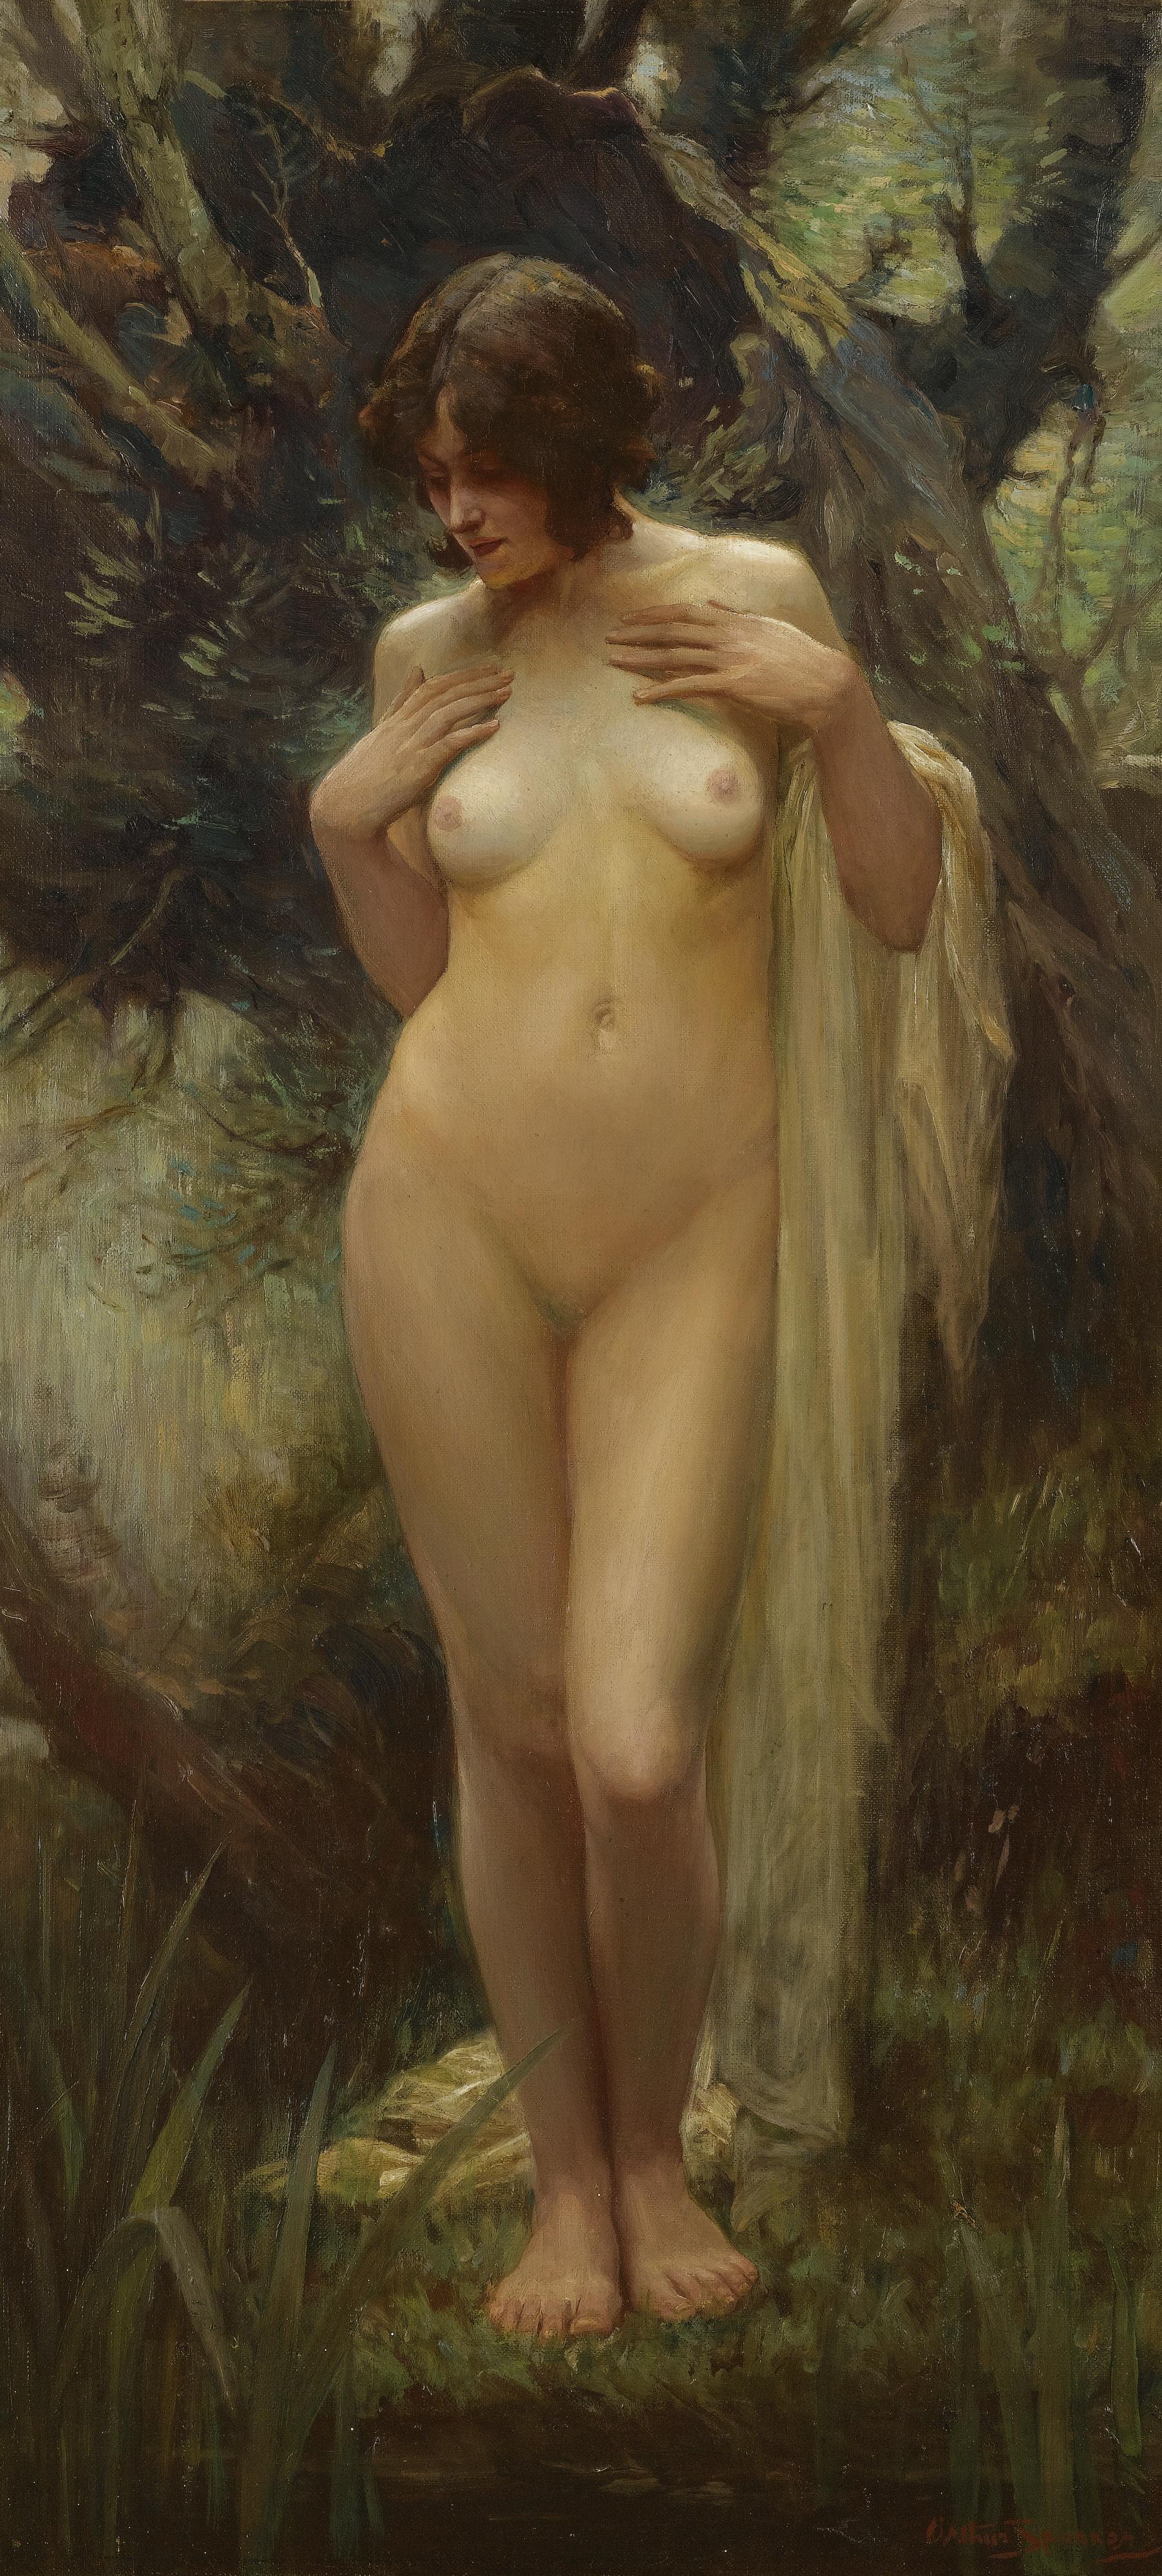 Arthur Spooner, 1873-1962. Нимфа в лесу.107 х 51 см. Частная коллекция